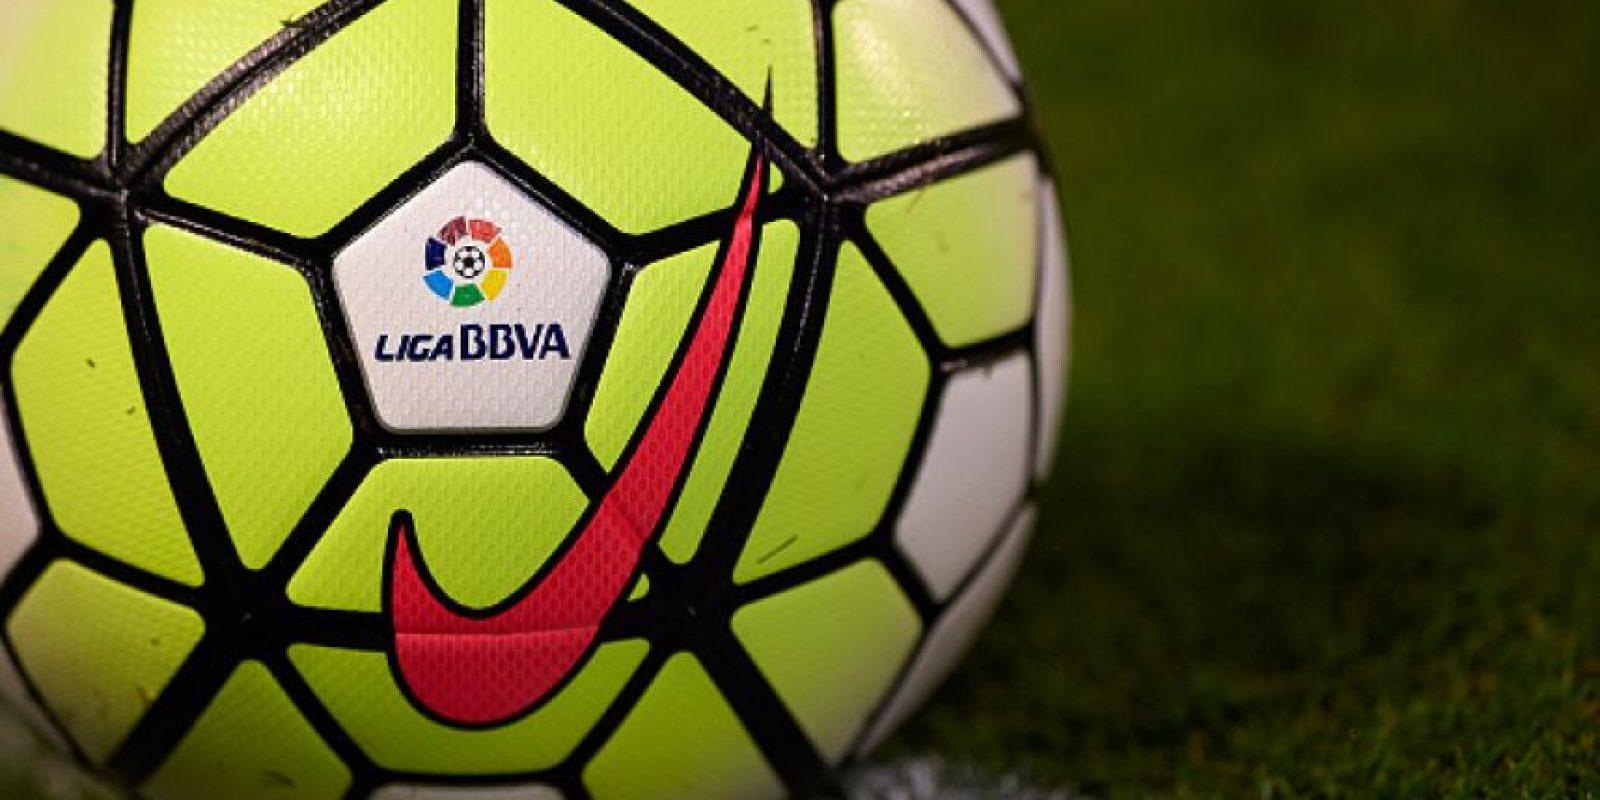 Sólo 8 goles se marcaron en los primeros 8 partidos de la Liga de España. Foto:Getty Images